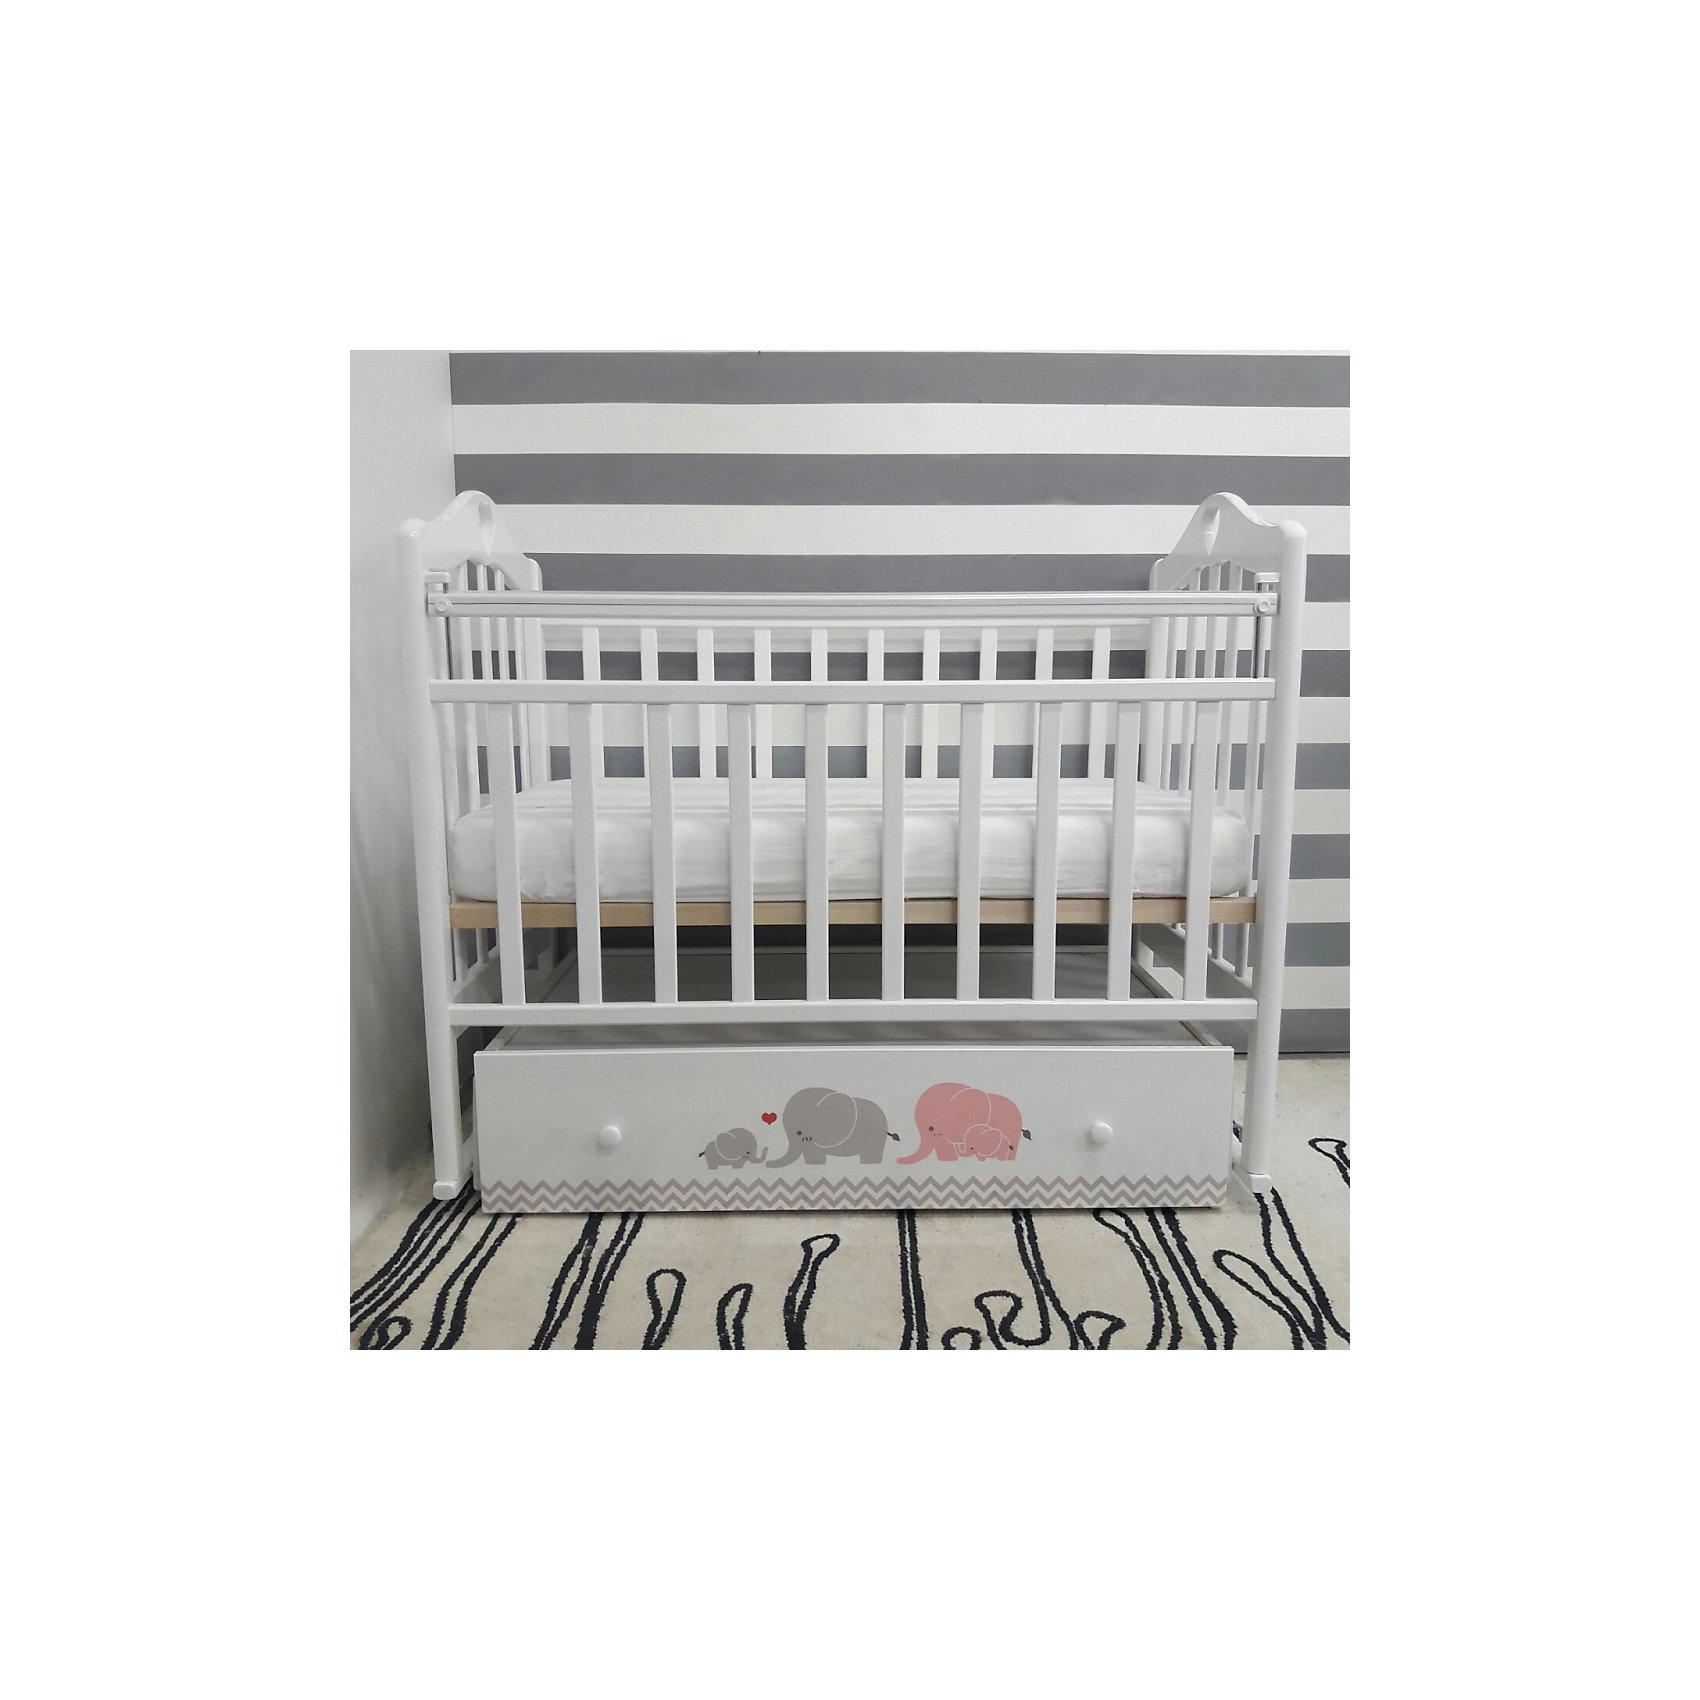 Кроватка Мэри, by Twinz, серый/розовыйХарактеристики:<br><br>• Вид детской мебели: кроватка<br>• Возраст: от 0 месяцев<br>• Пол: универсальный<br>• Размеры кроватки (Д*Ш*В): 125*68*100 см<br>• Тематика рисунка: слоники<br>• Цвет: розовый, серый, белый <br>• Материал: массив березы<br>• Наличие поперечного маятника<br>• Два уровня положения подматрасника<br>• Передняя стенка опускается <br>• Наличие закрытого ящика <br>• Размеры упаковки (Д*Ш*В): 124*14,5*74,5 см<br>• Вес: 35 кг <br>• Особенности ухода: допускается сухая и влажная чистка<br><br>Кроватка Мэри, by Twinz, серый/розовый изготовлена отечественным торговым брендом, выпускающим текстиль и мебель из натуральных материалов для новорожденных и детей. <br><br>Технология производства детской мебели и материалы, используемые при ее изготовлении, отвечают международным и отечественным требованиям безопасности. Массив березы, из которого изготовлена кроватка, окрашен нетоксичными и гипоаллергенными красками и обработан лаком. Кроватка оснащена поперечным маятником, что создает естественные условия для мягкого укачивания малыша. <br><br>Реечный подматрасник имеет ортопедическую форму, передняя стенка при нажатии на кнопки сбоку плавно и бесшумно опускается. В комплекте предусмотрен вместительный закрытые ящик, в котором можно хранить белье или игрушки. Ящик декорирован брендовым рисунком: бирюзово-розовые слоны придают мебели особую изысканность и оригинальность. <br><br>Кроватку Мэри, by Twinz, серый/розовый можно купить в нашем интернет-магазине.<br><br>Ширина мм: 1240<br>Глубина мм: 745<br>Высота мм: 145<br>Вес г: 35000<br>Возраст от месяцев: 0<br>Возраст до месяцев: 36<br>Пол: Женский<br>Возраст: Детский<br>SKU: 5491525